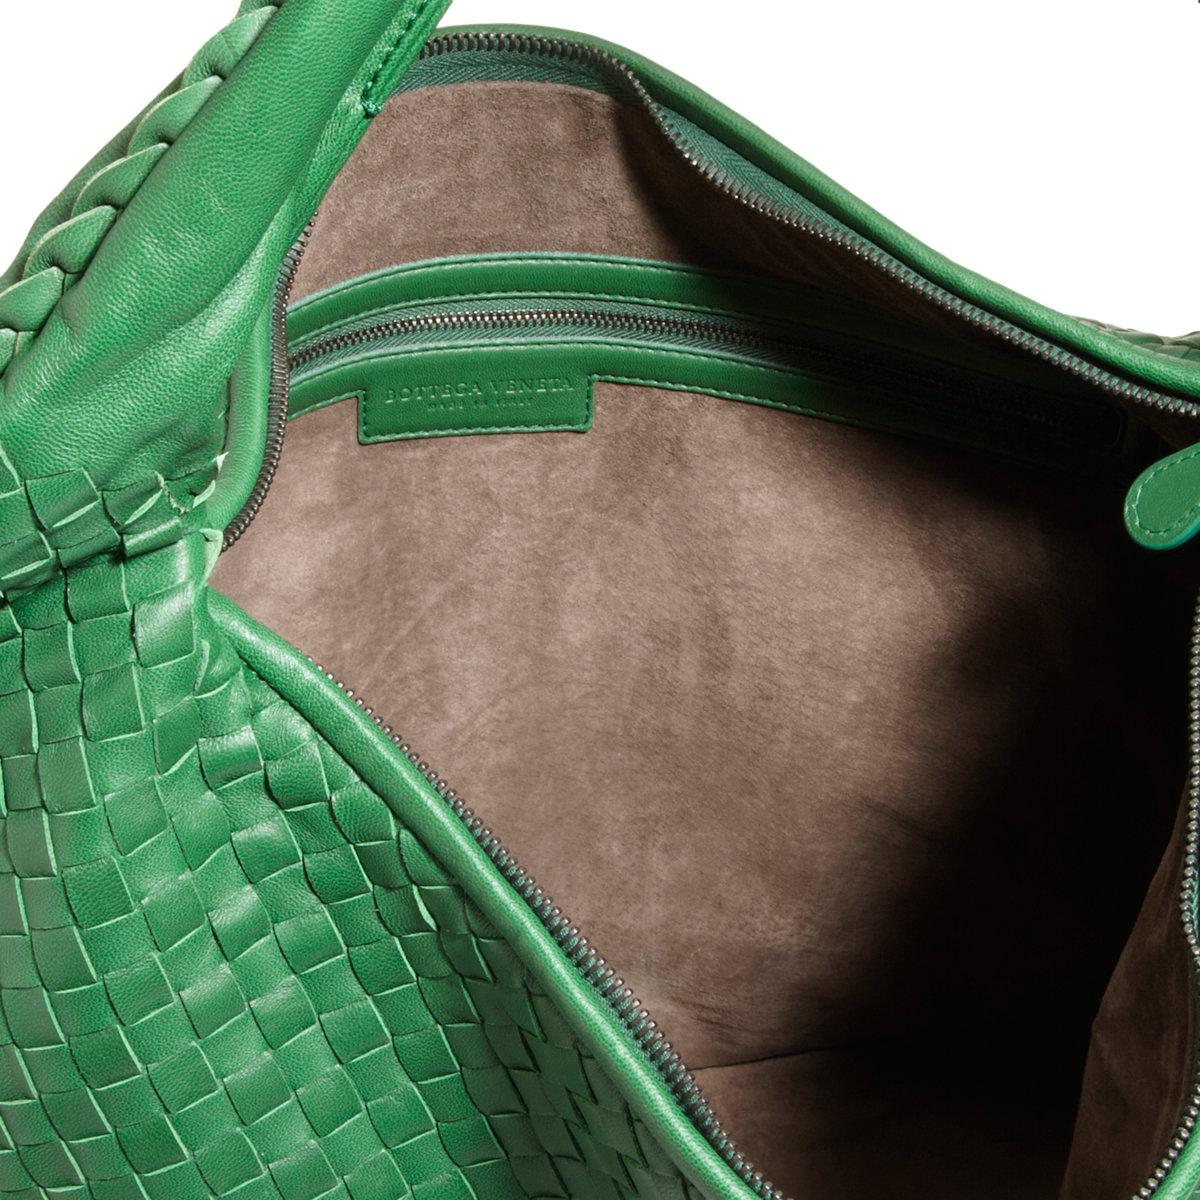 Bottega veneta Maxi Intrecciato Hobo Bag in Green  e7497cab979b9